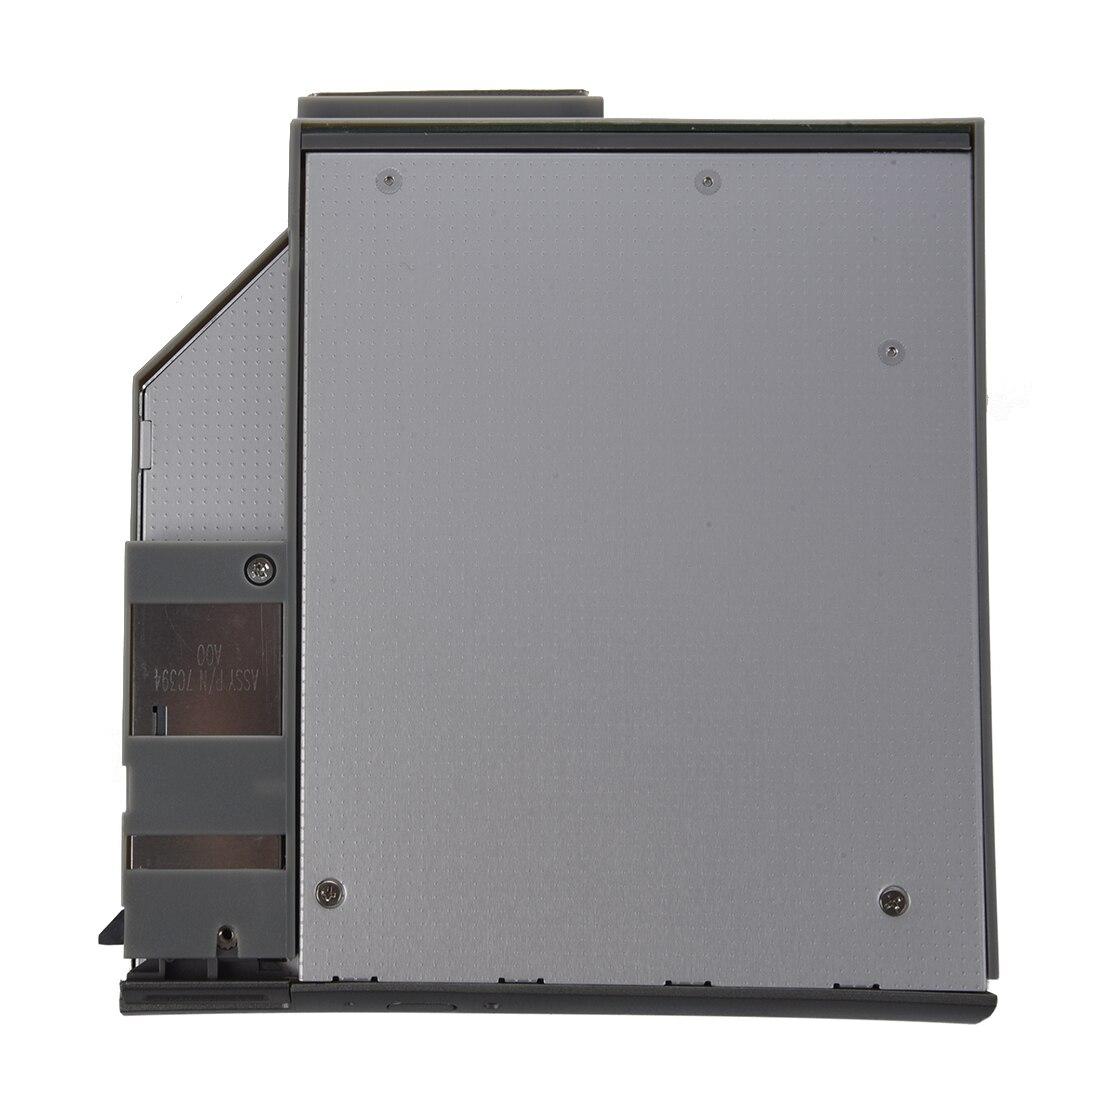 Laptop Hard Drive Caddy per Dell Latitude D610 D620 D630 D800 D810 D820 D830-SATA secondo Hard Drive Caddy HDD Adapter